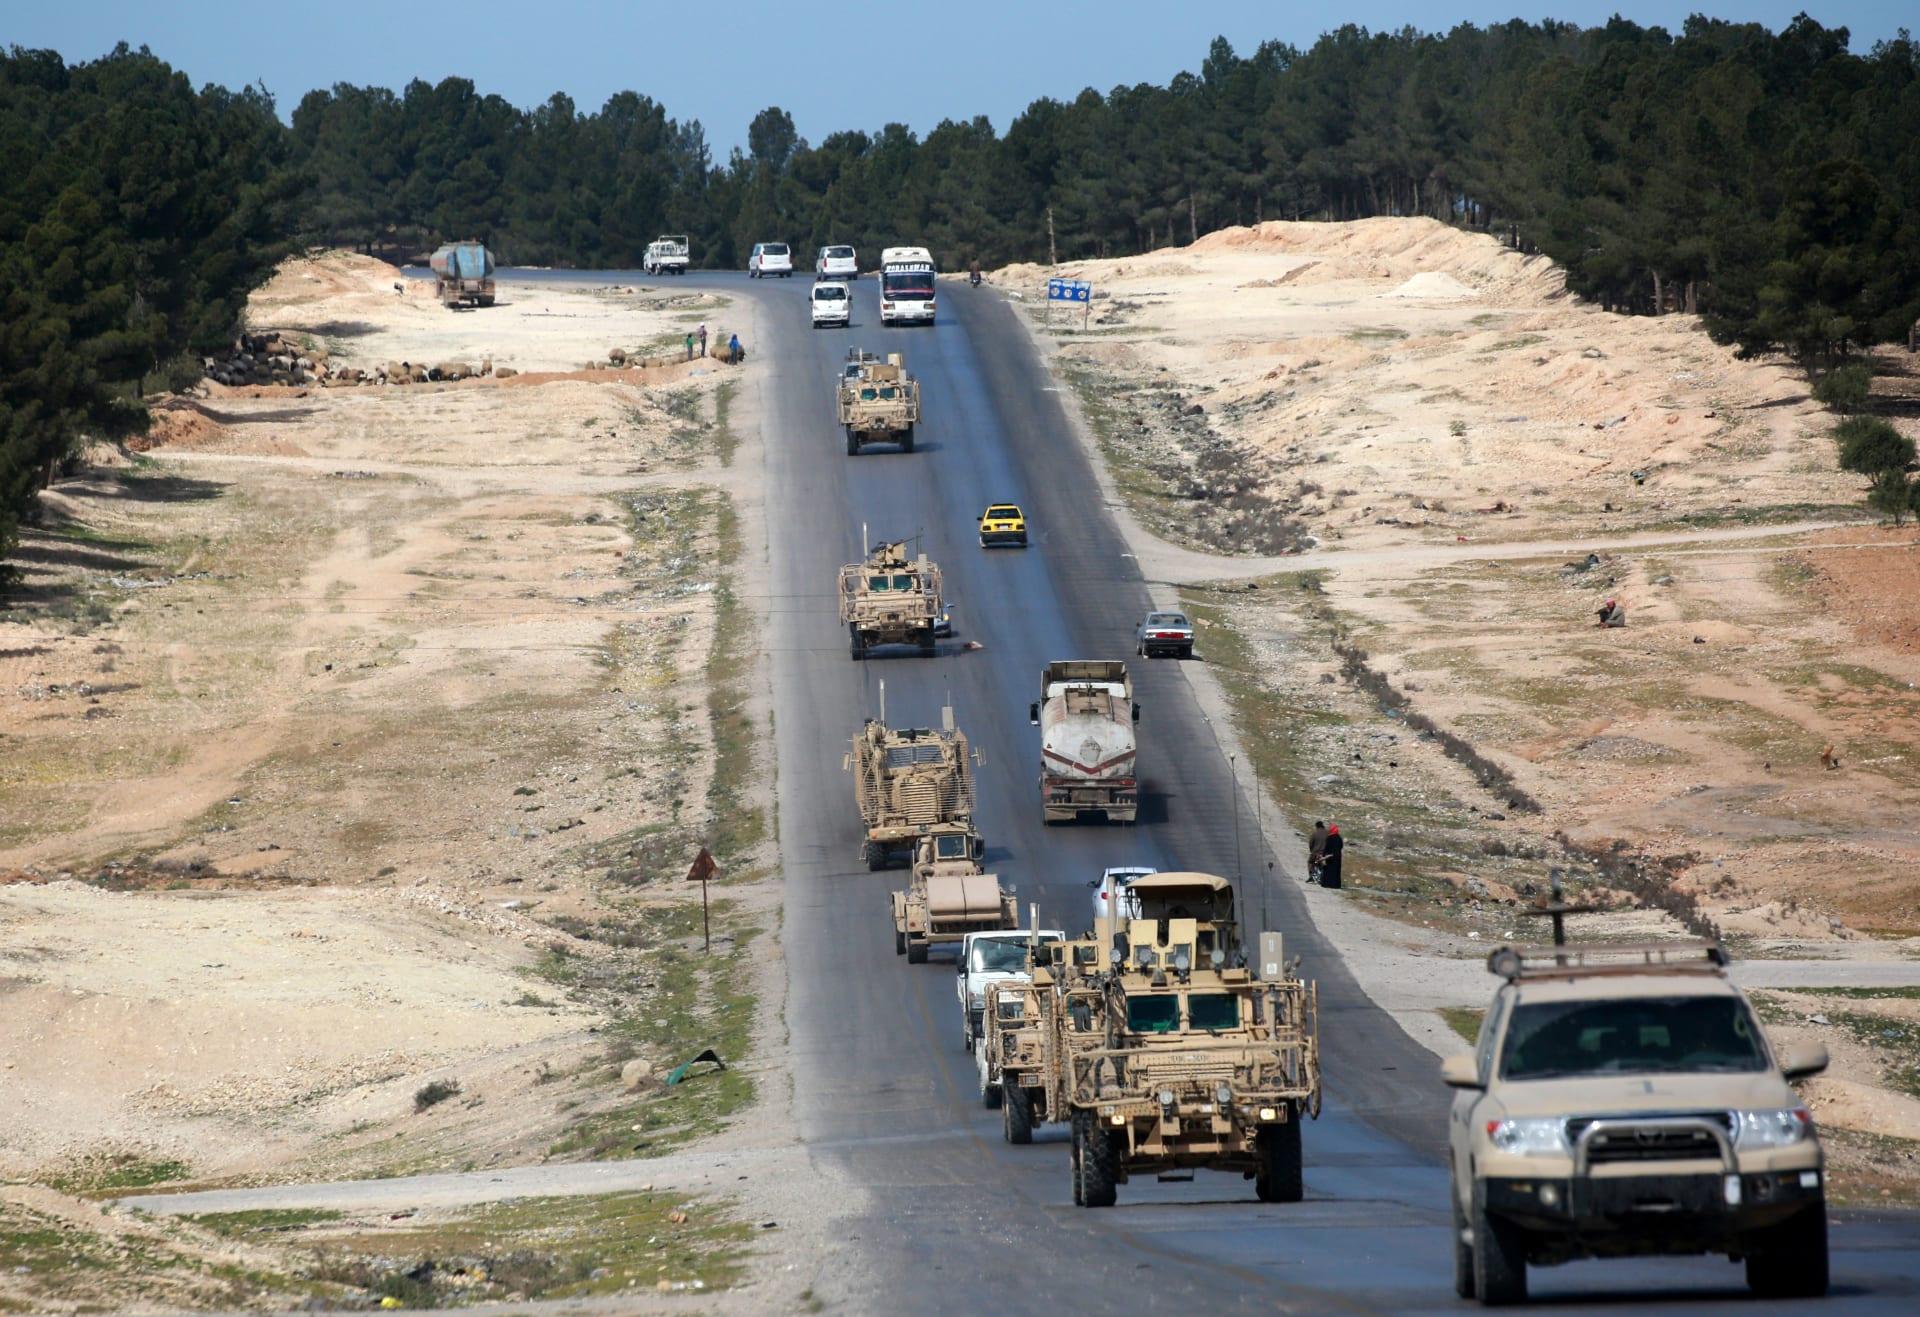 مركبات وآليات عسكرية أمريكية في أحد الطرق بالقرب من منبج في شمال سوريا